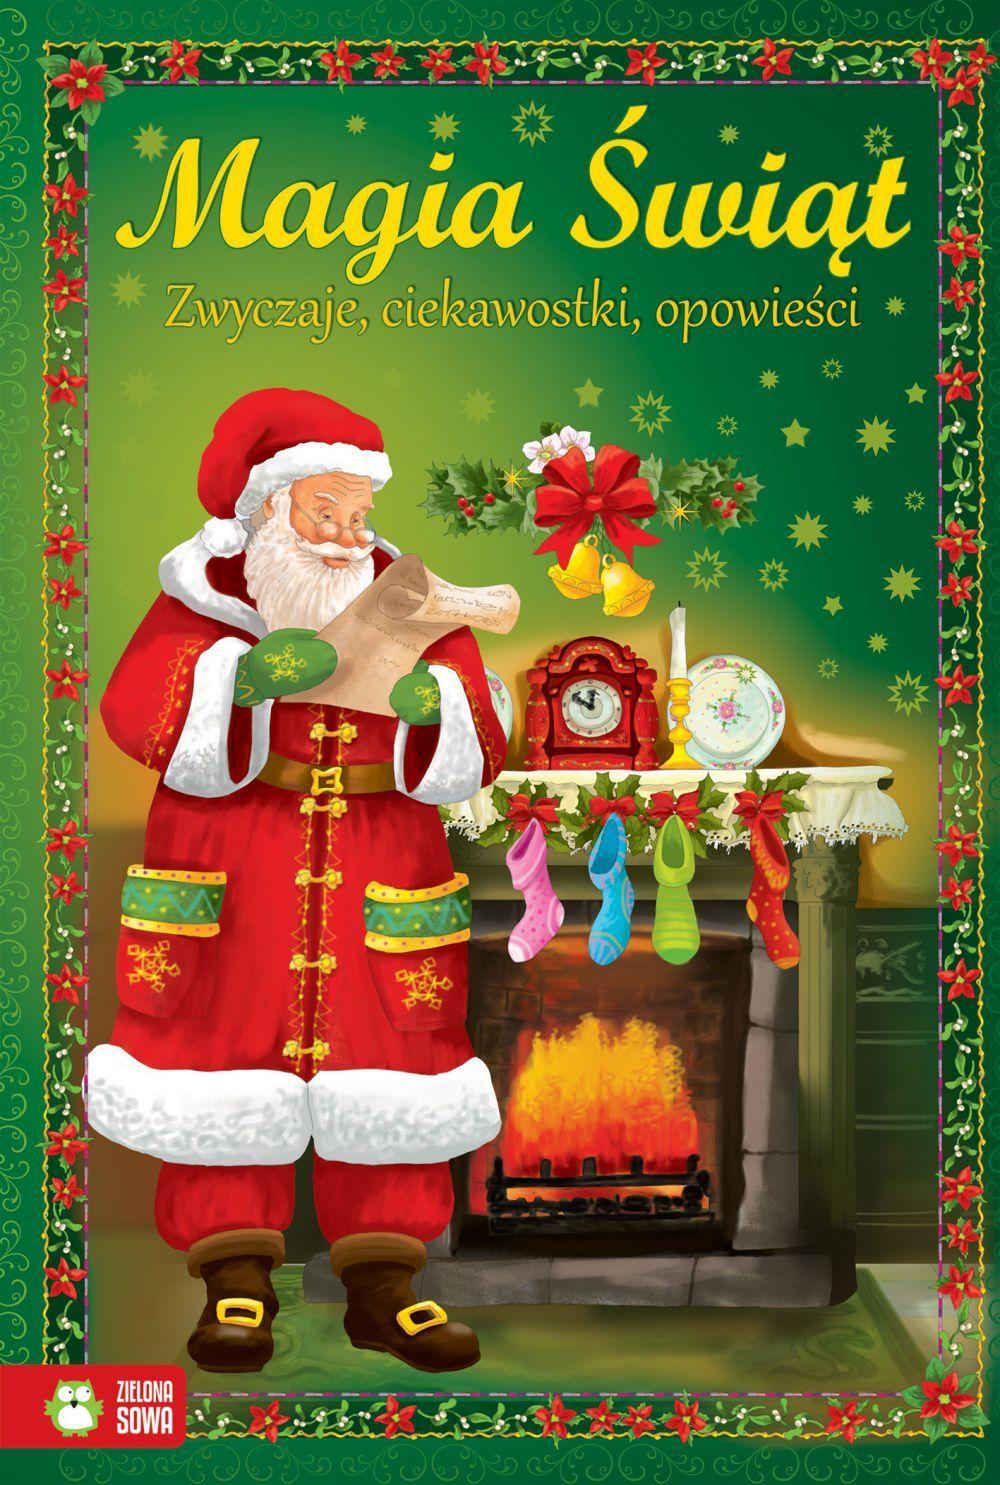 Magia Świąt. Zwyczaje, ciekawostki, opowieści 1